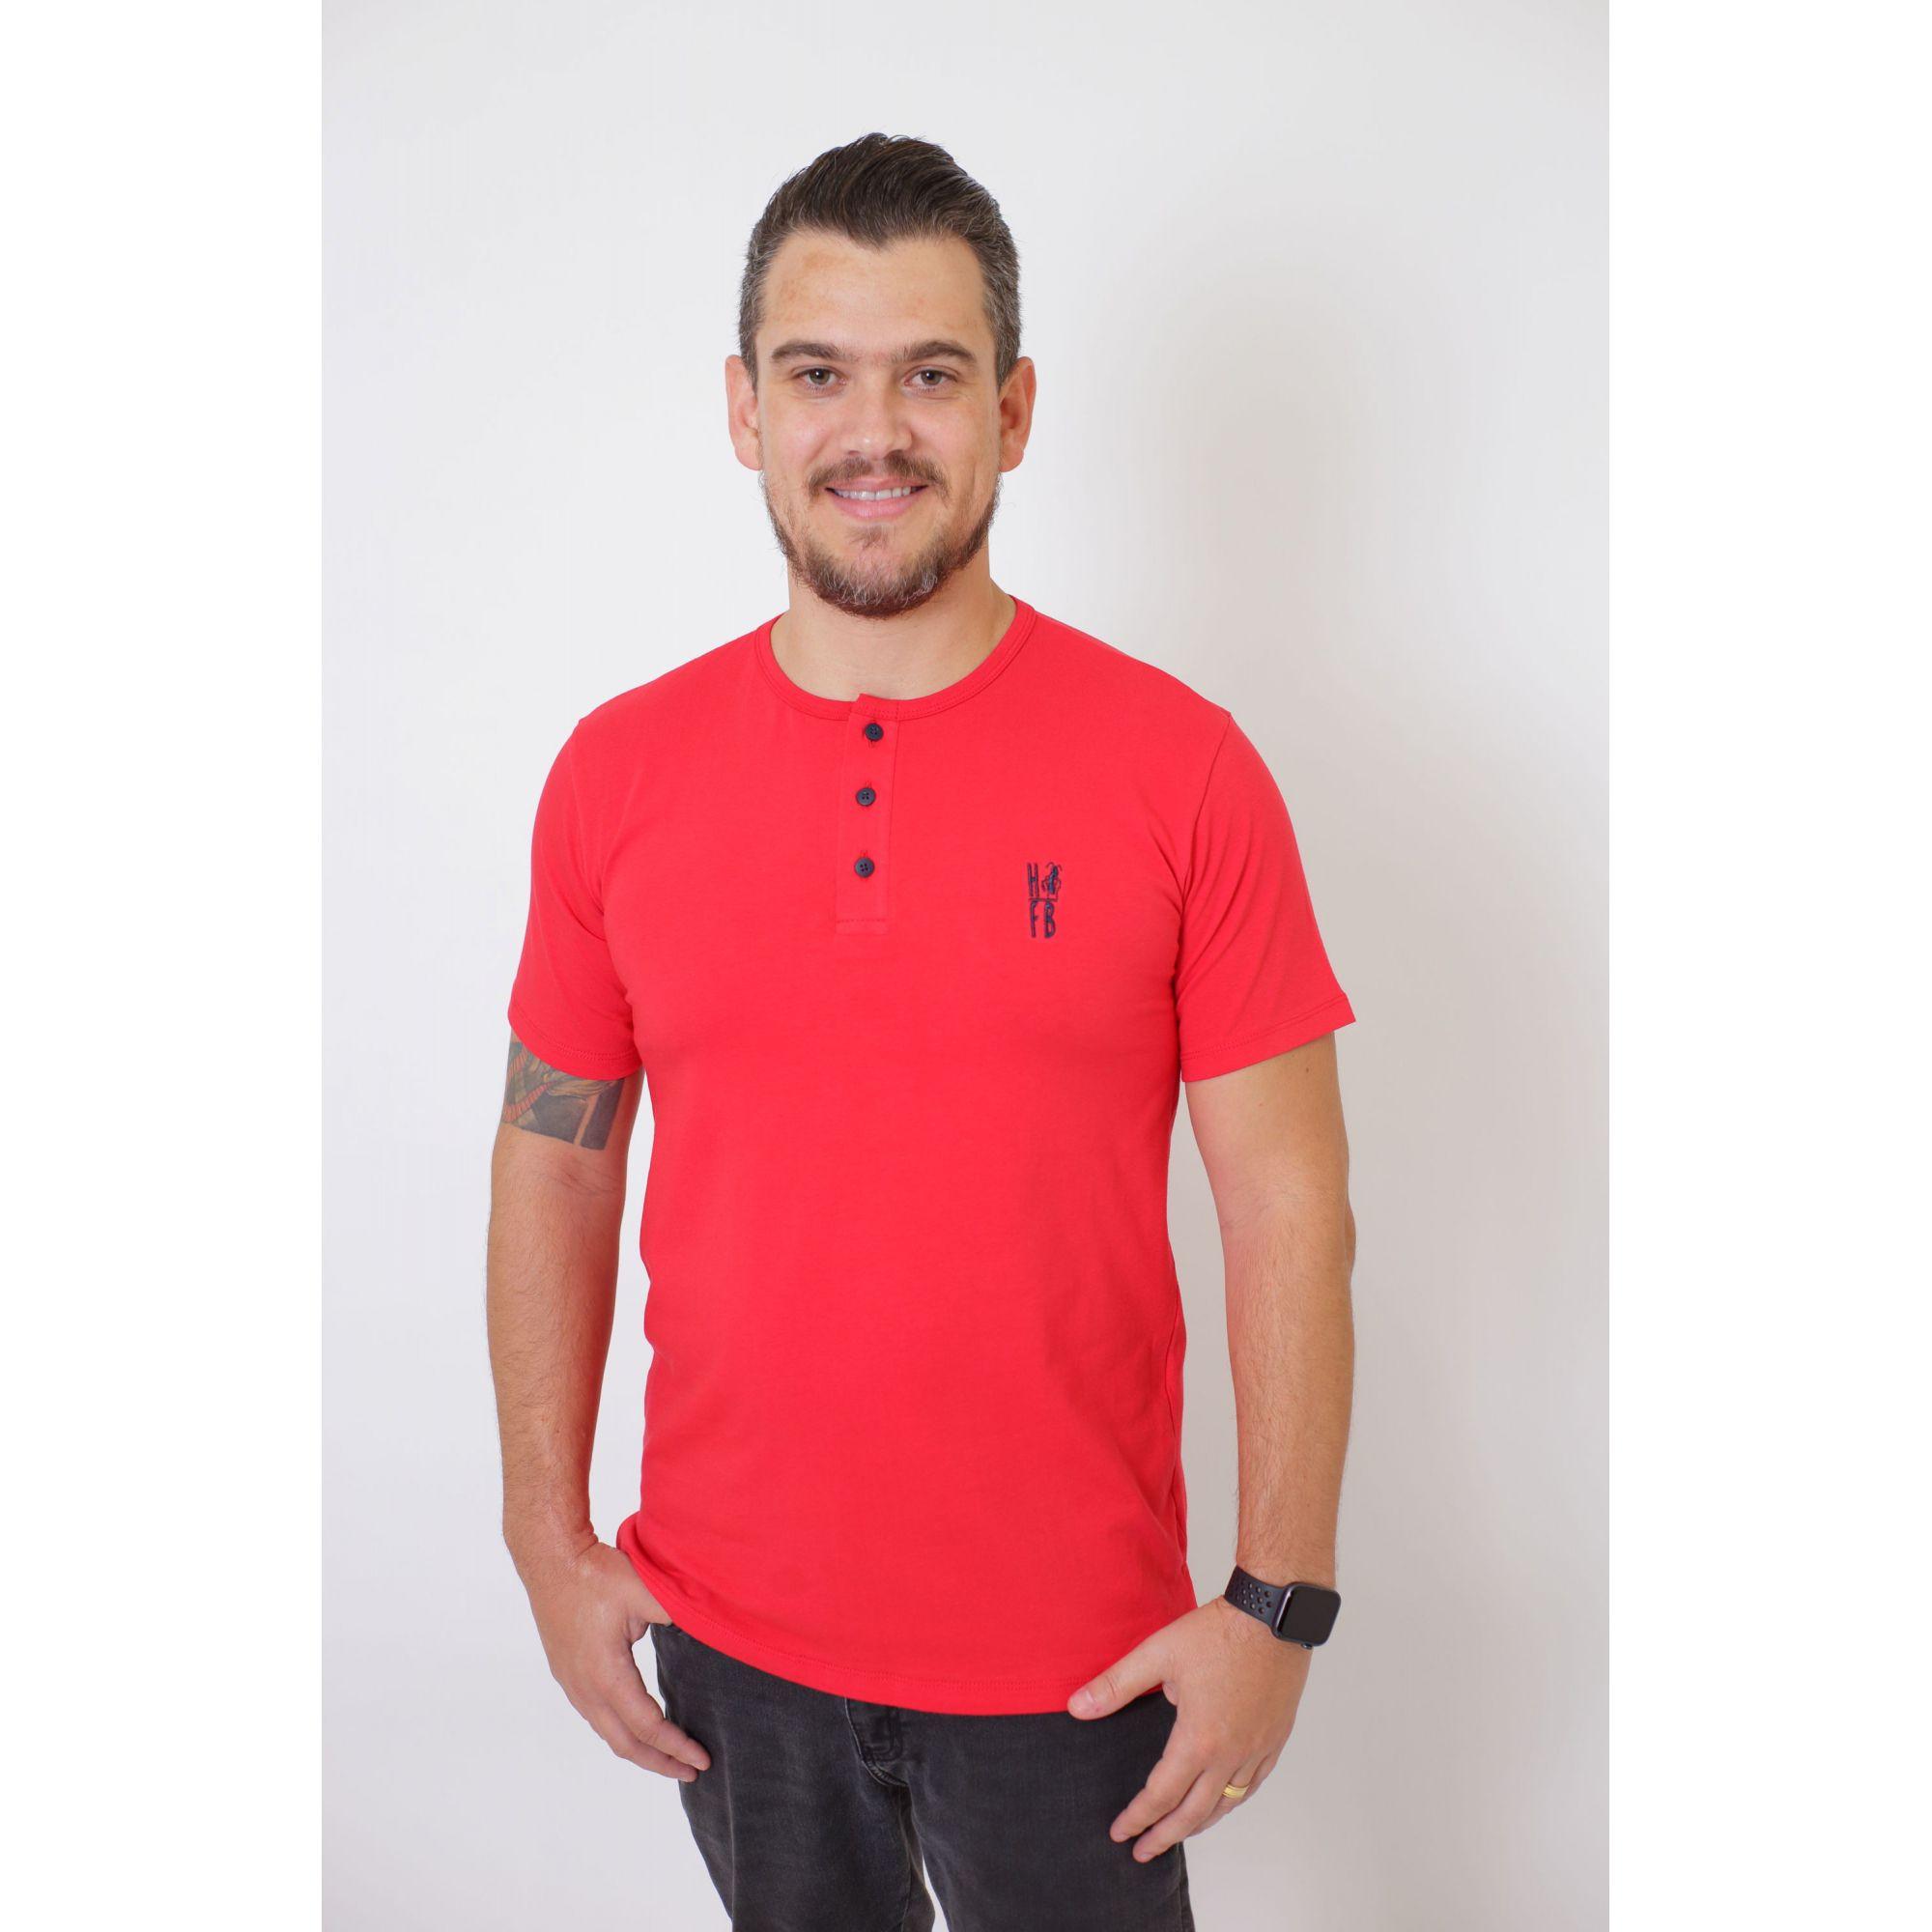 PAI E FILHOS > 02 Peças - T-Shirt + Body Unissex Henley - Vermelho [Coleção Tal Pai Tal Filho]  - Heitor Fashion Brazil